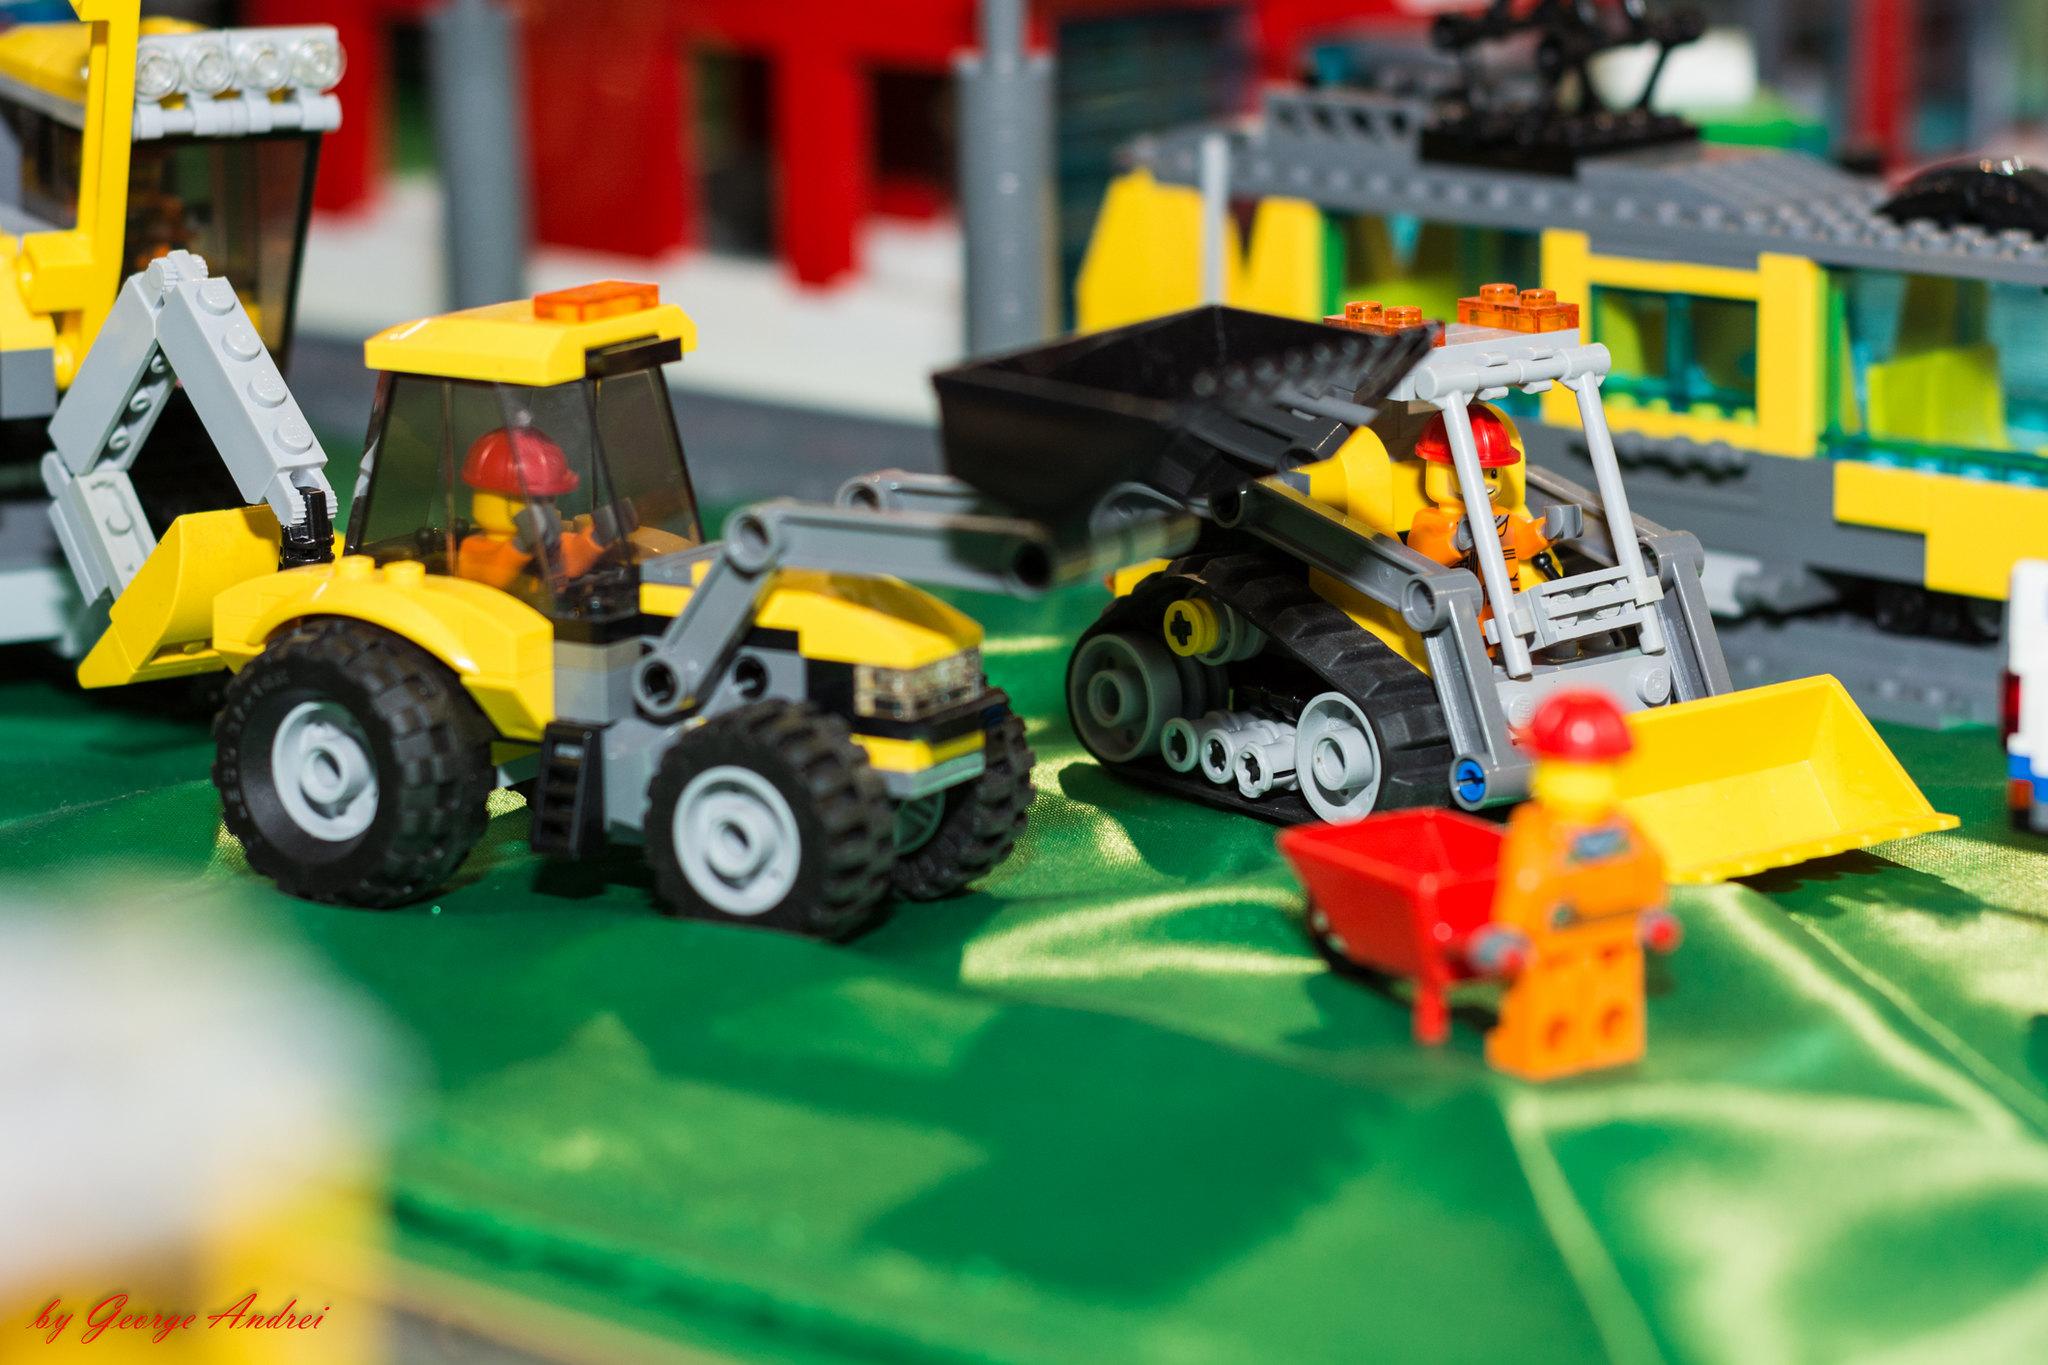 Echipaj de constructii: skidsteer, backhoe & crawler crane